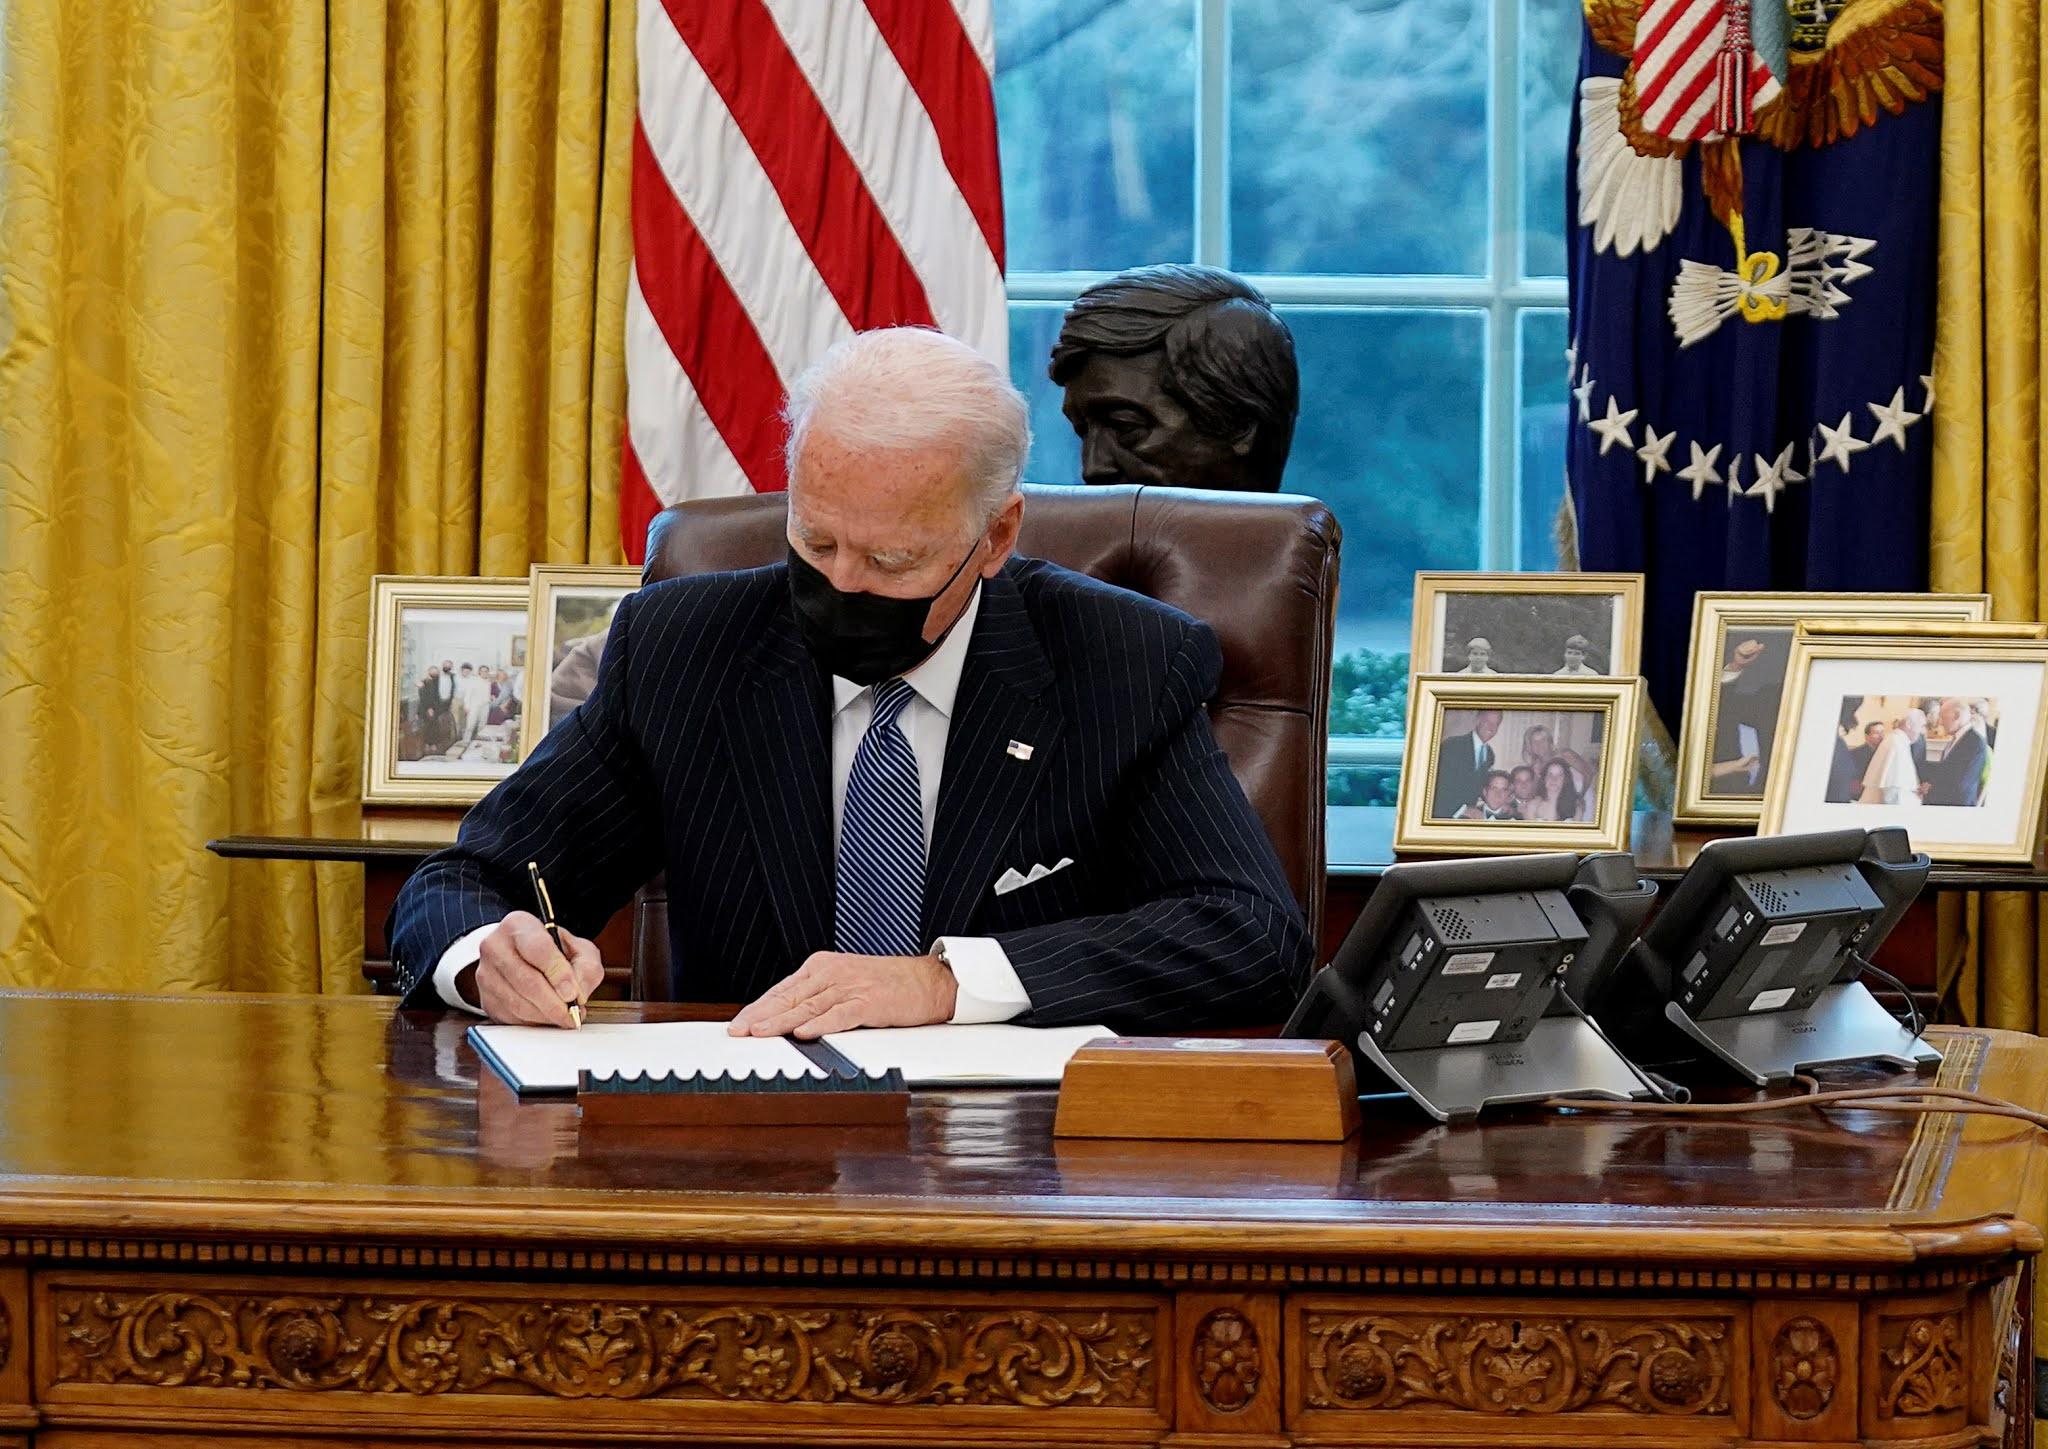 Joe Biden revocó la prohibición de Donald Trump y las Fuerzas Armadas volverán a admitir transexuales